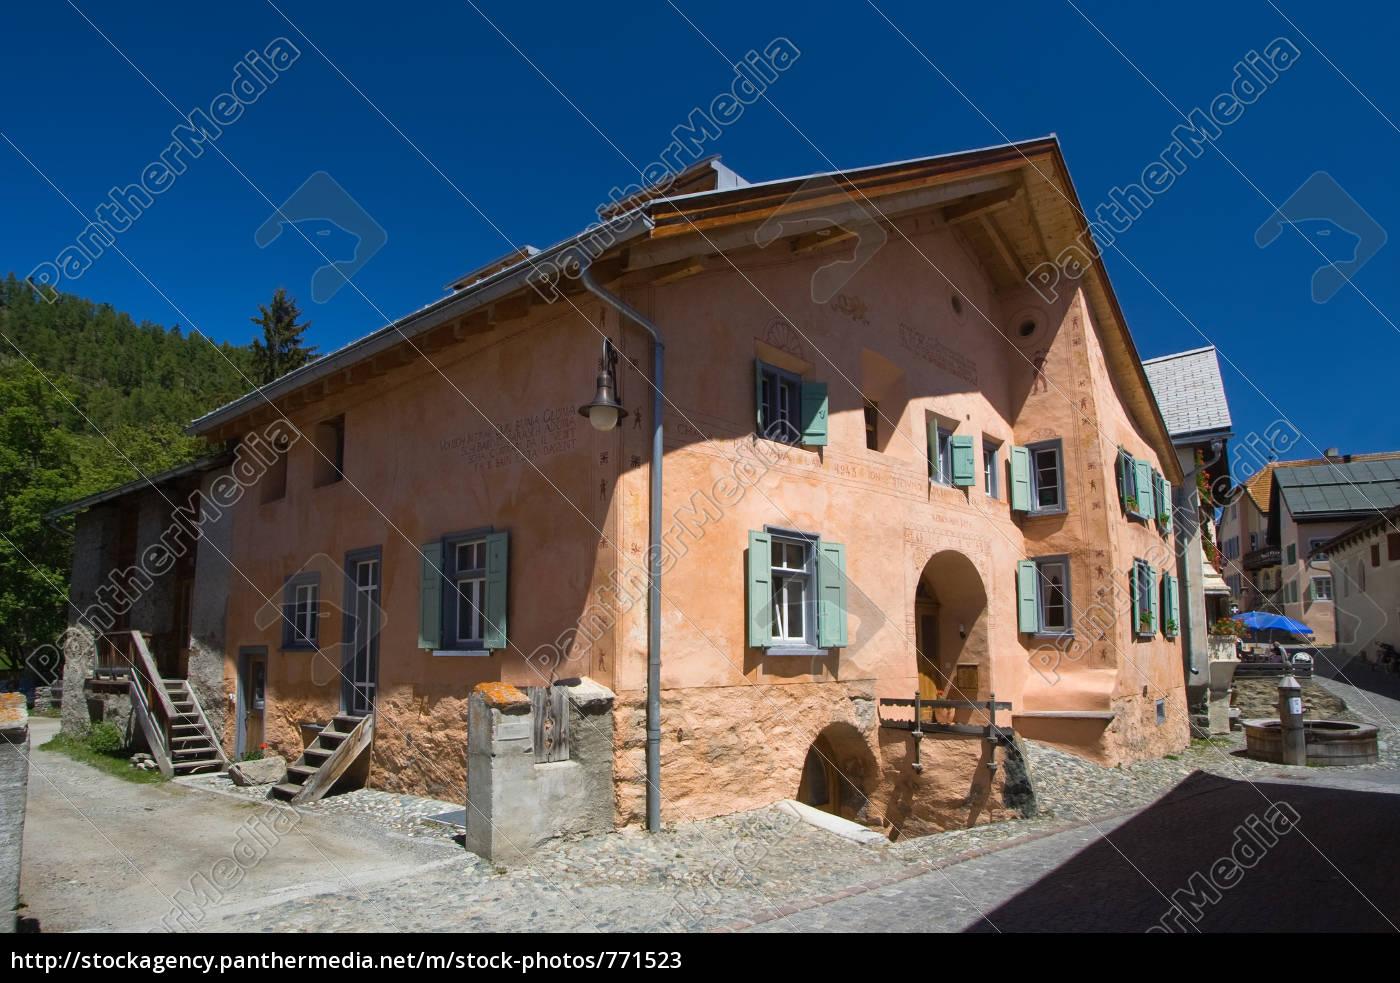 Sudliche Hausfarben In Guarda Engadin Lizenzfreies Bild 771523